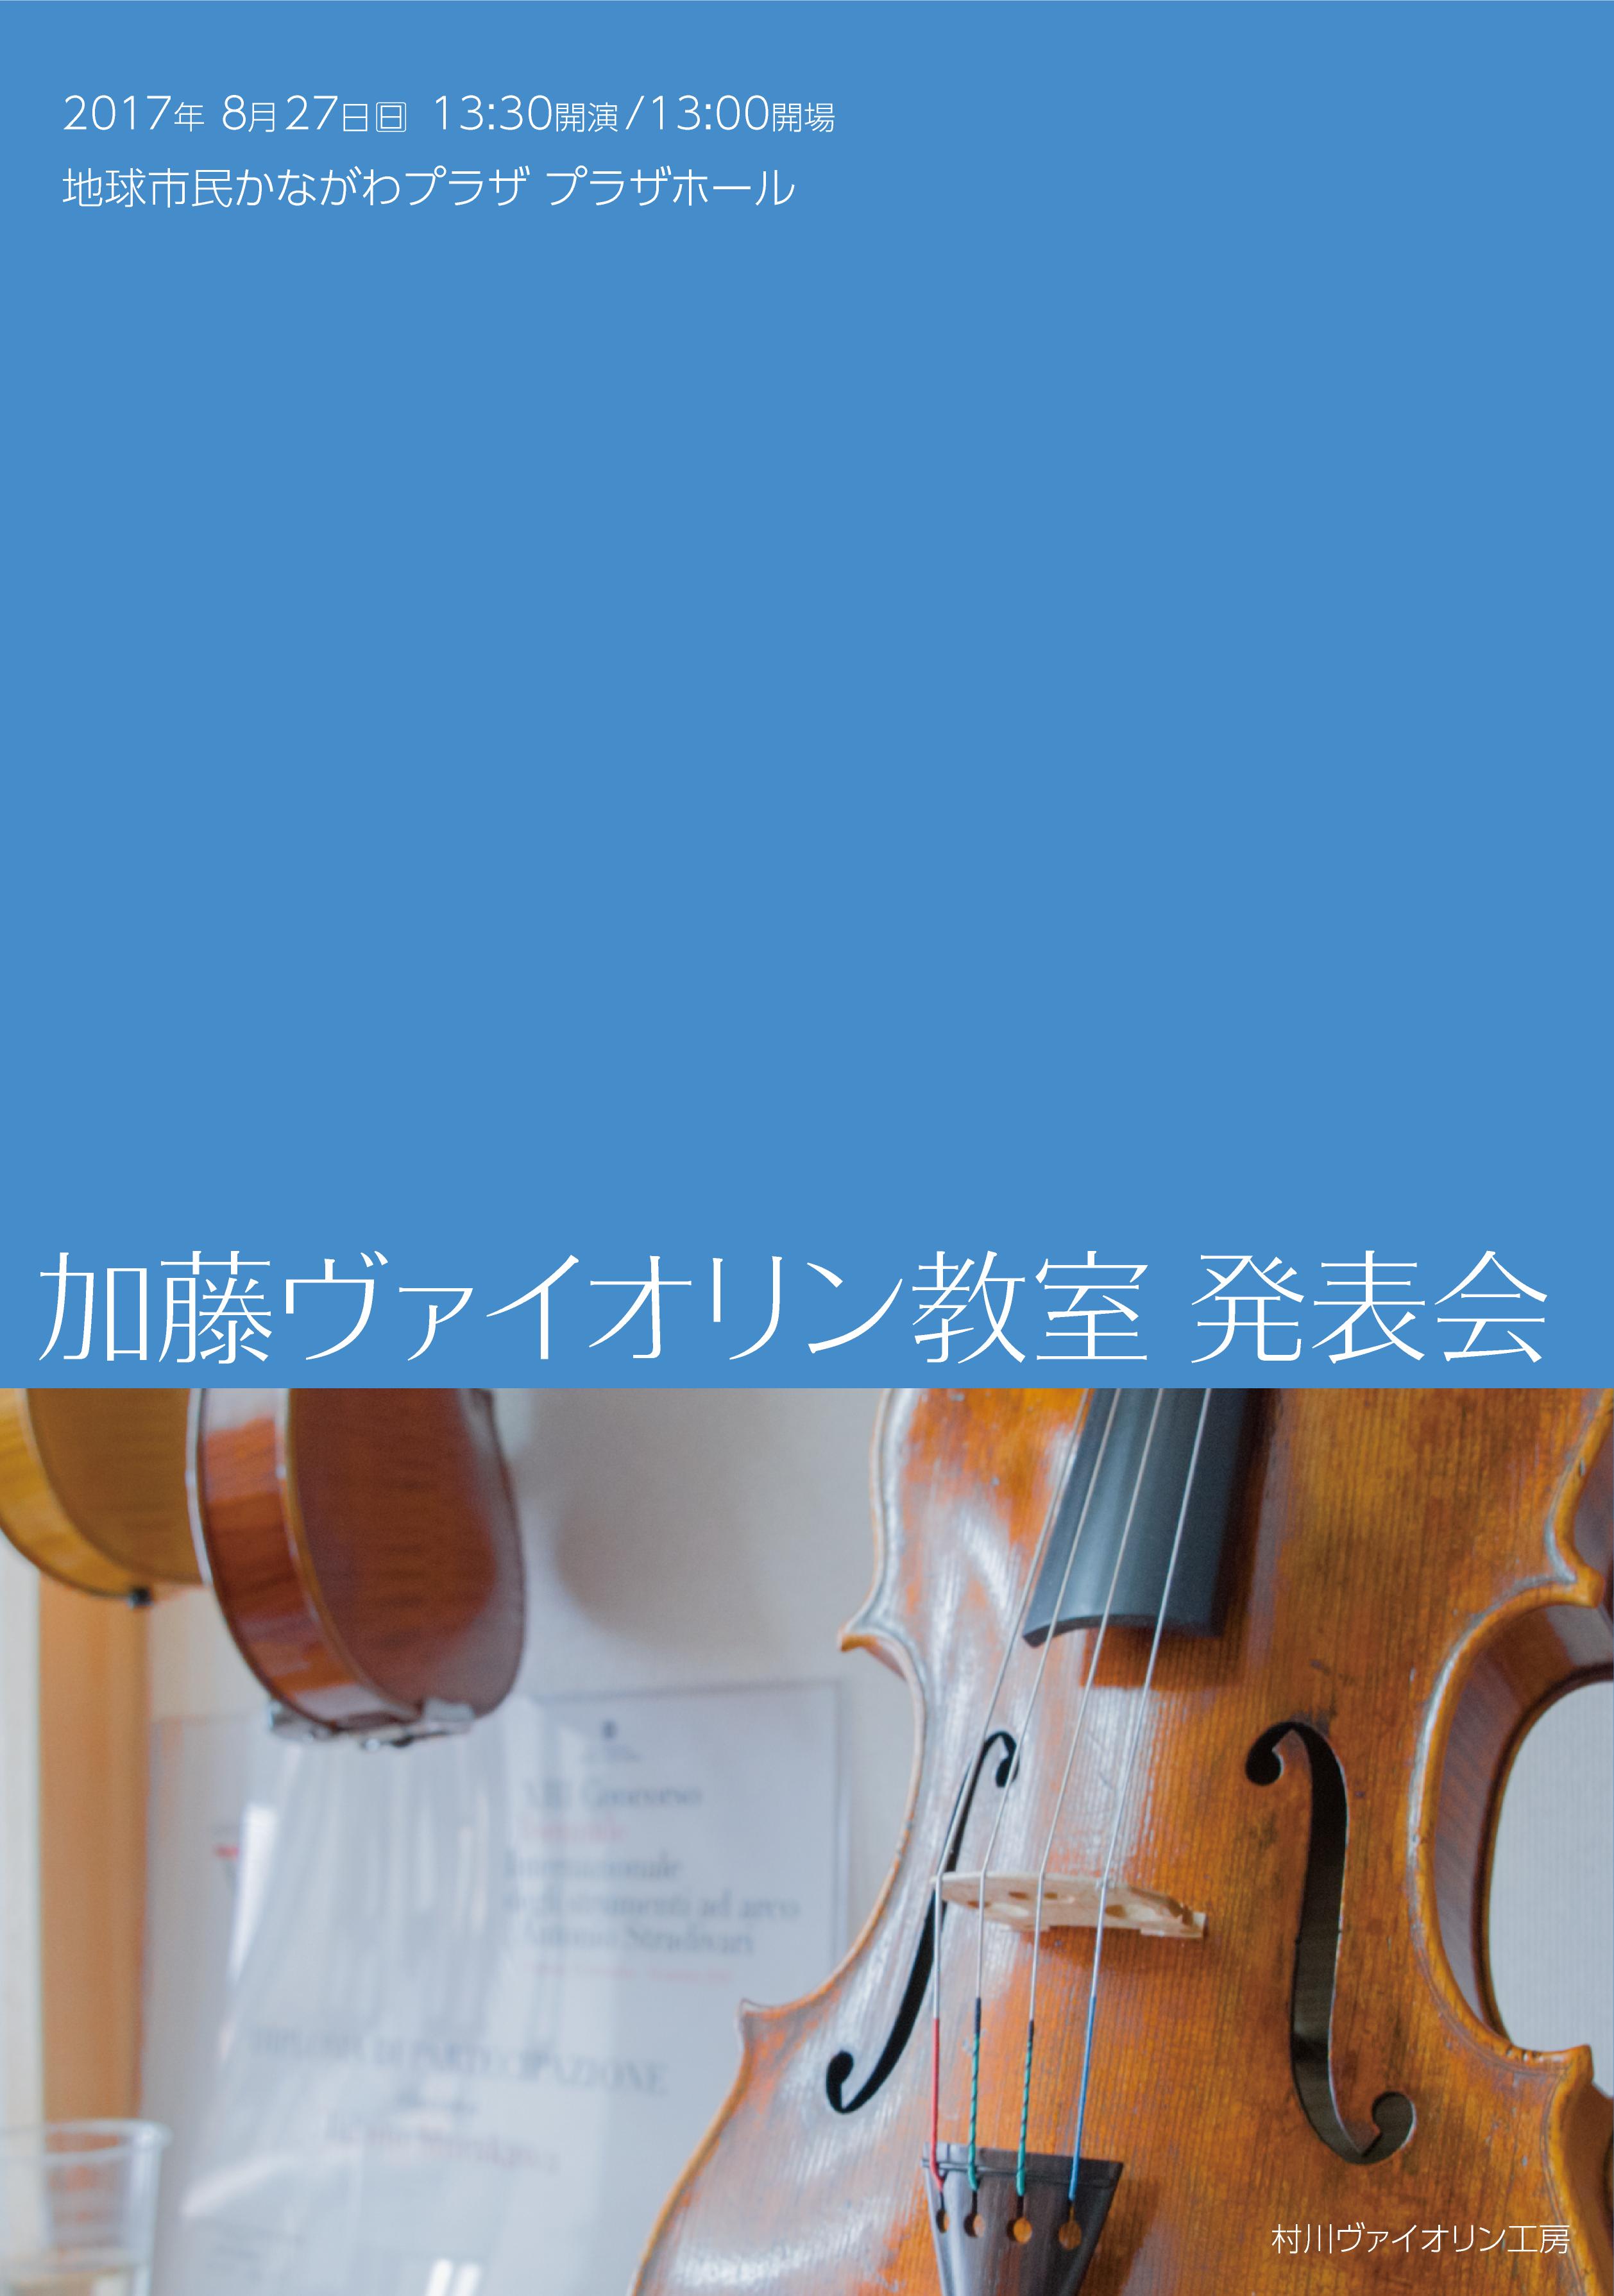 加藤ヴァイオリン教室            どんな先生?レッスン内容は?先生が好きになる理由お知らせ、過去の発表会